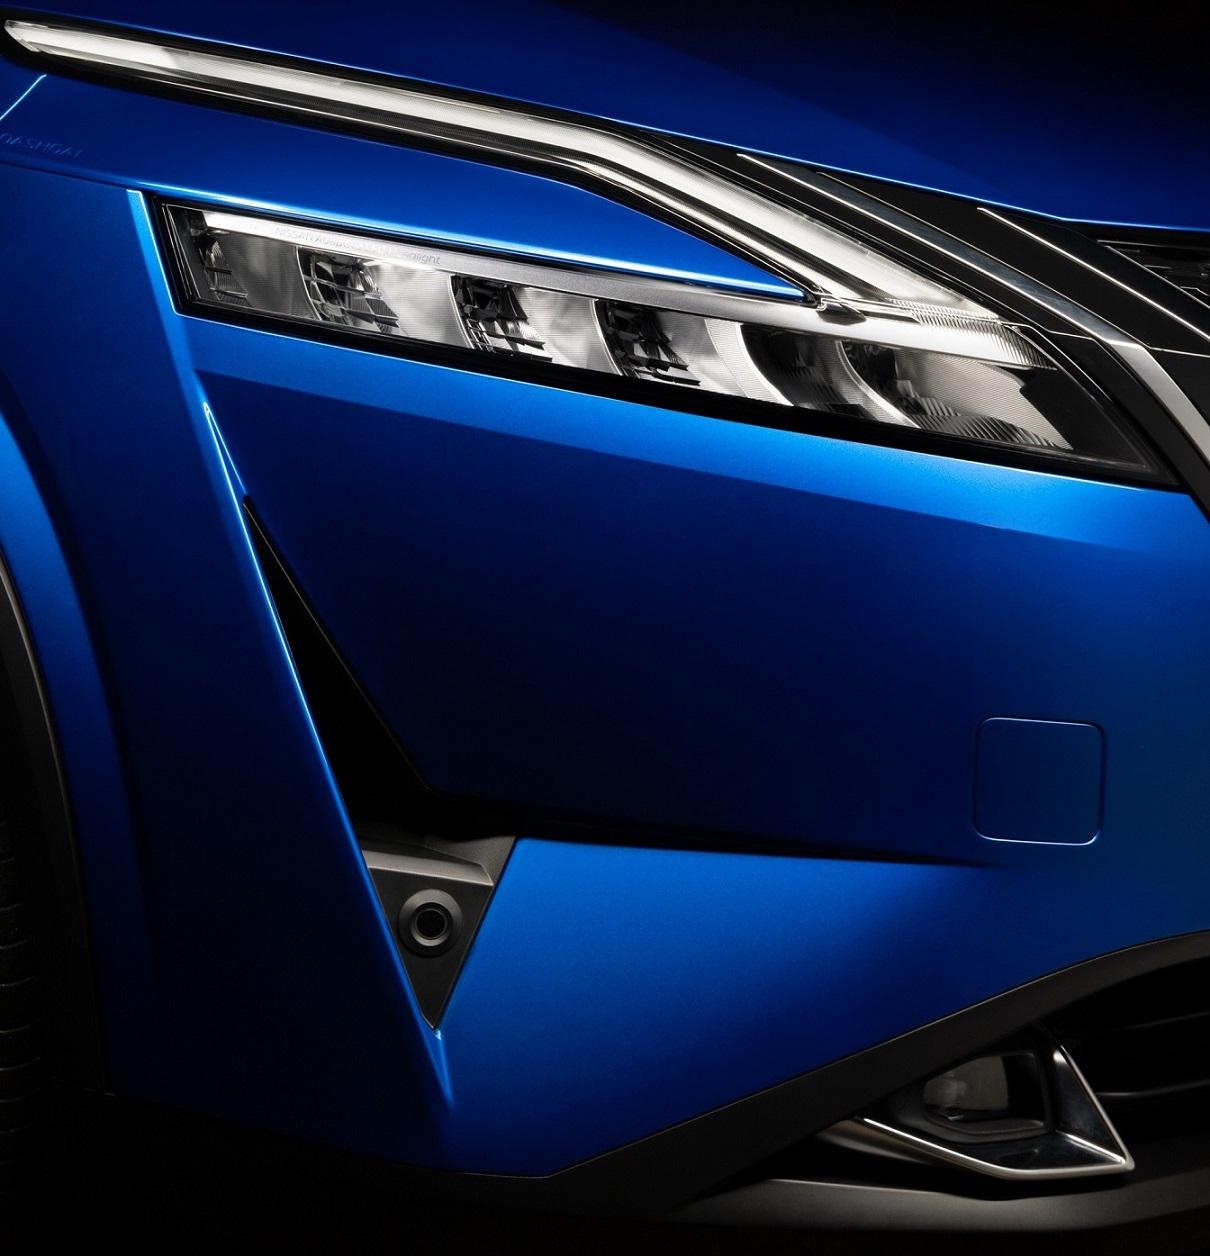 Nuova Nissan Qashqai: nuove immagini prima del debutto